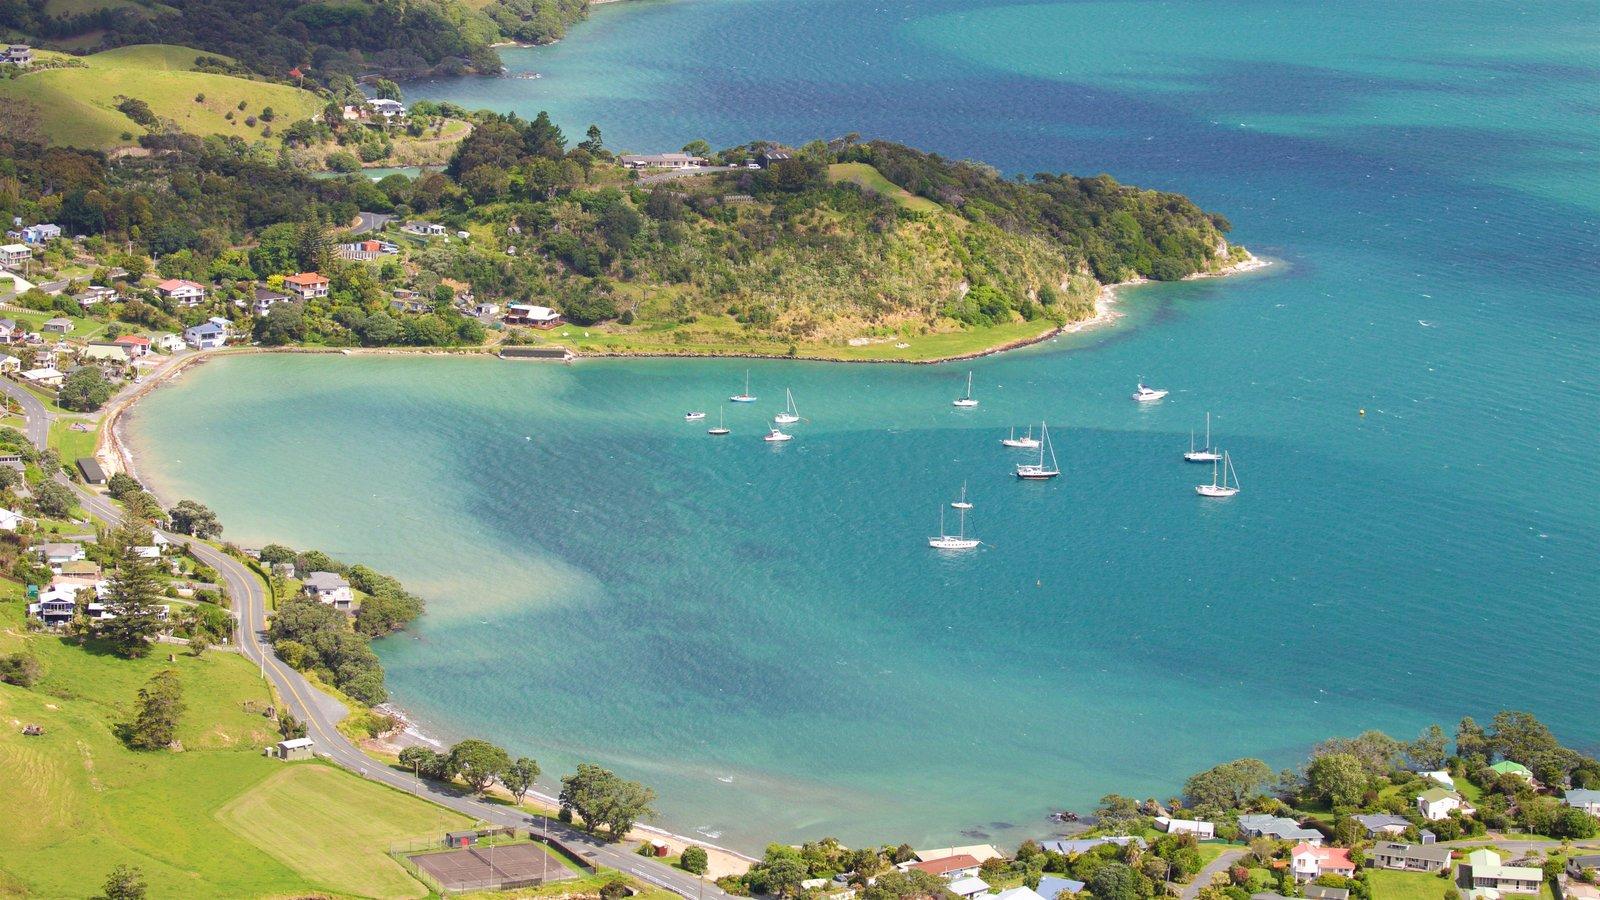 Mount Manaia que incluye una bahía o puerto, navegación y una ciudad costera